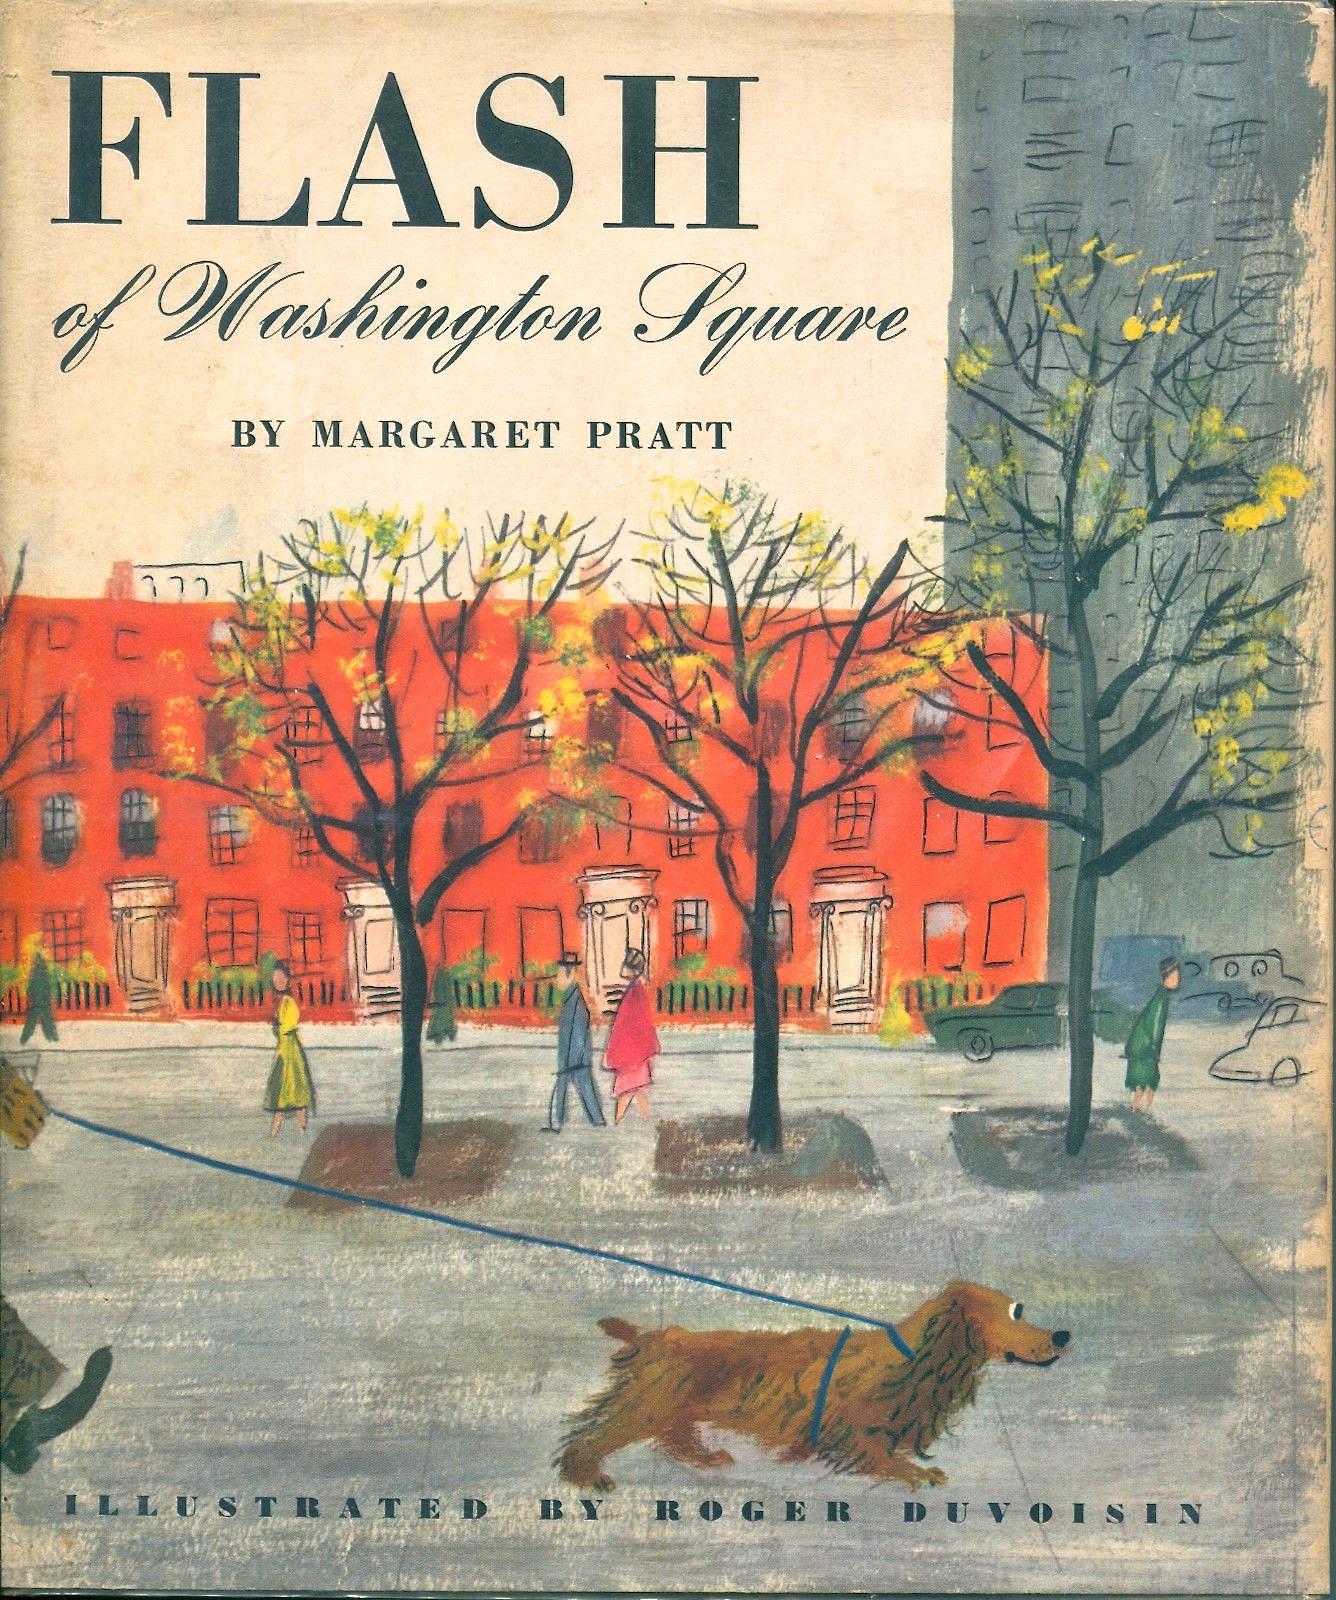 1954 via  eBay